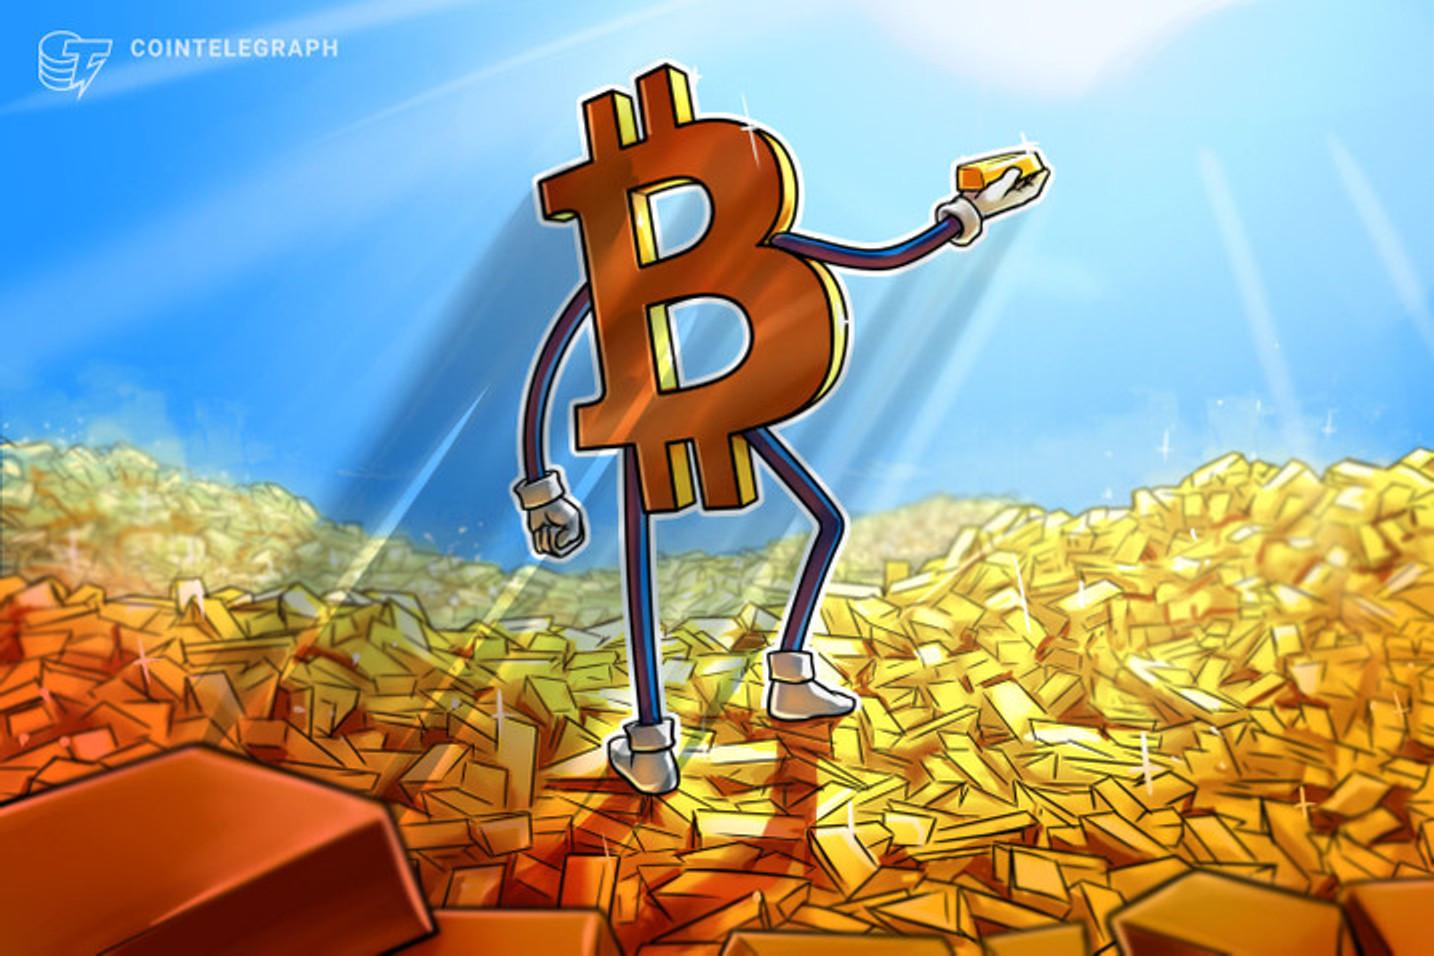 'Tenho riqueza em Bitcoin para dez gerações', diz executivo de associação de criptomoedas e blockchain